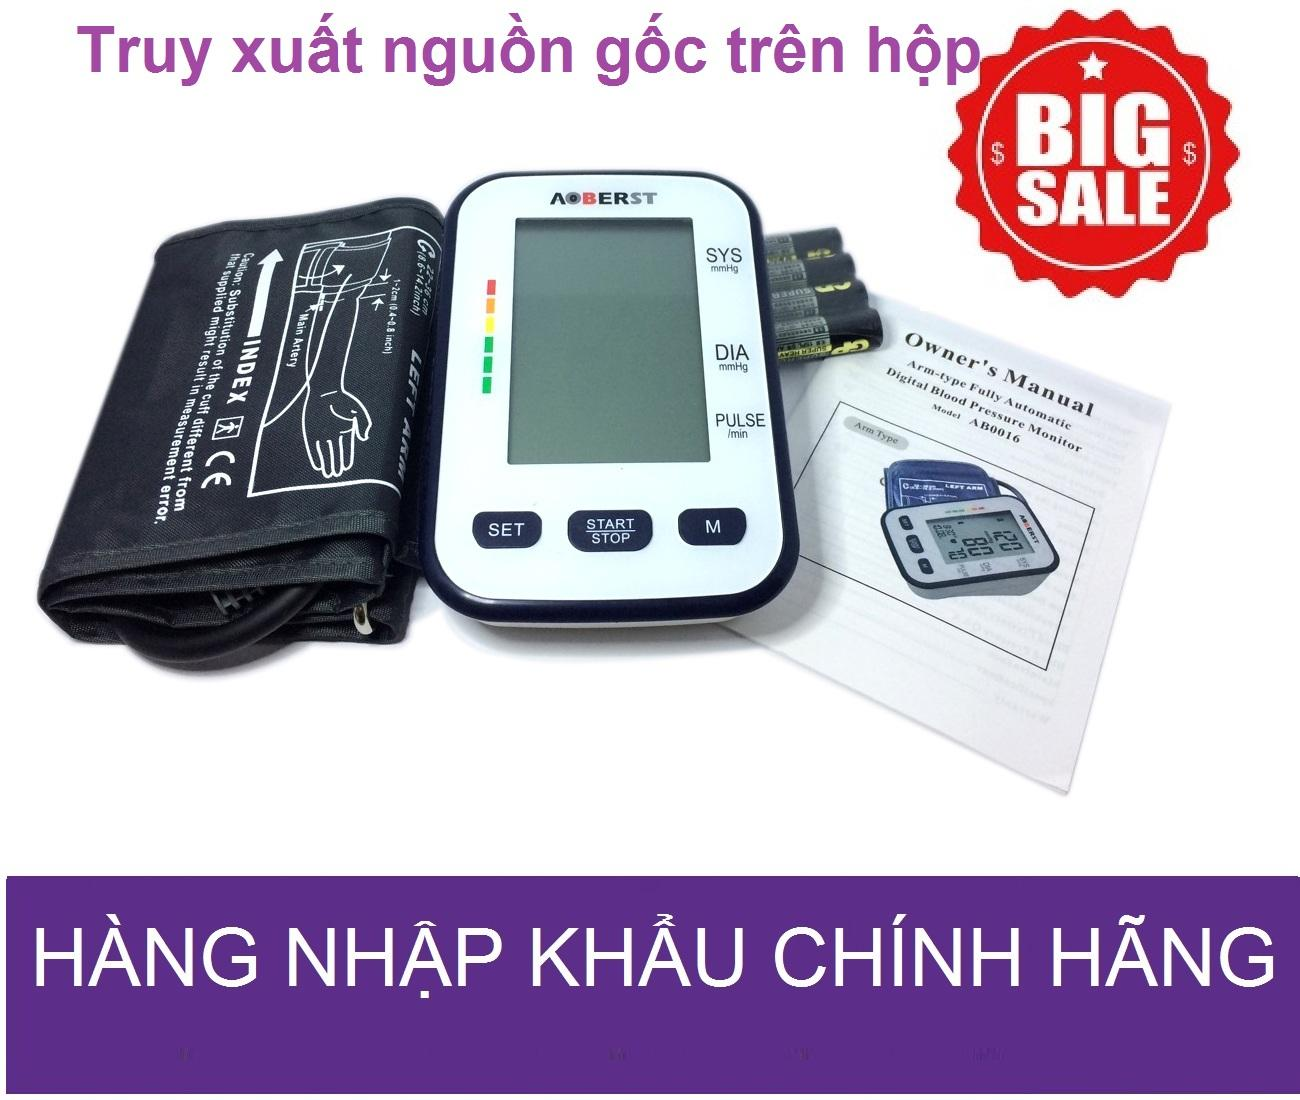 Máy đo huyết áp bắp tay AOBERST công nghệ Đức màn hình LCD lớn ( Bảo hành 2 năm)